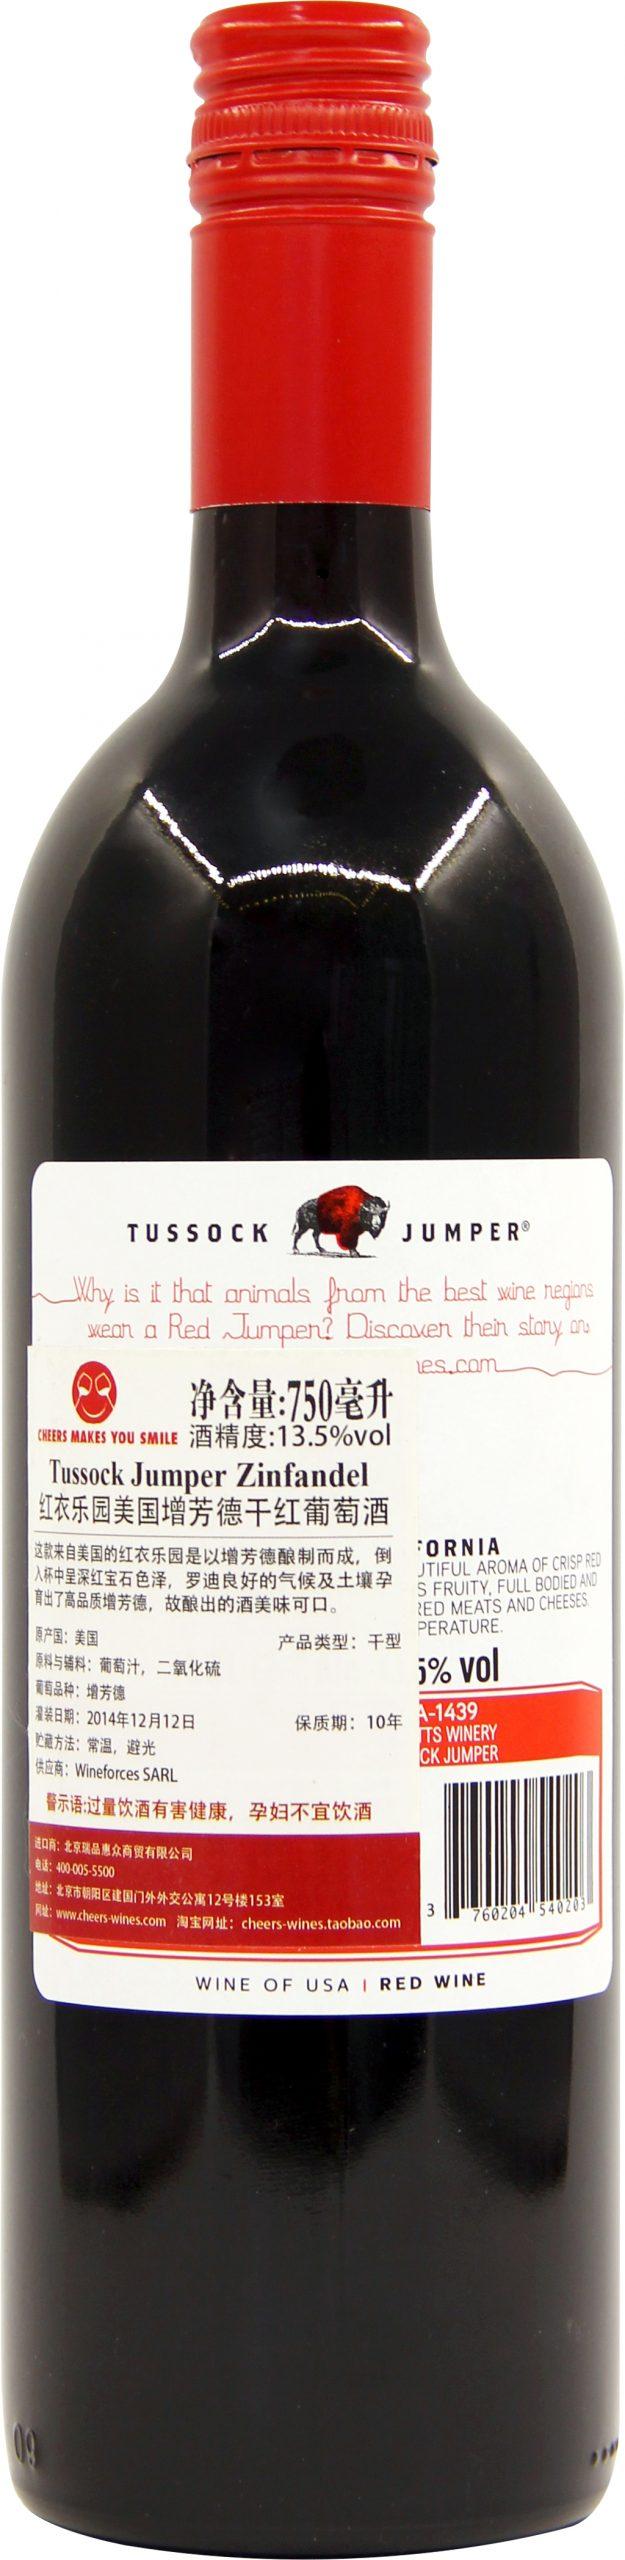 红衣乐园美国增芳德干红葡萄酒02-齐饮(CHEERS)进口葡萄酒店